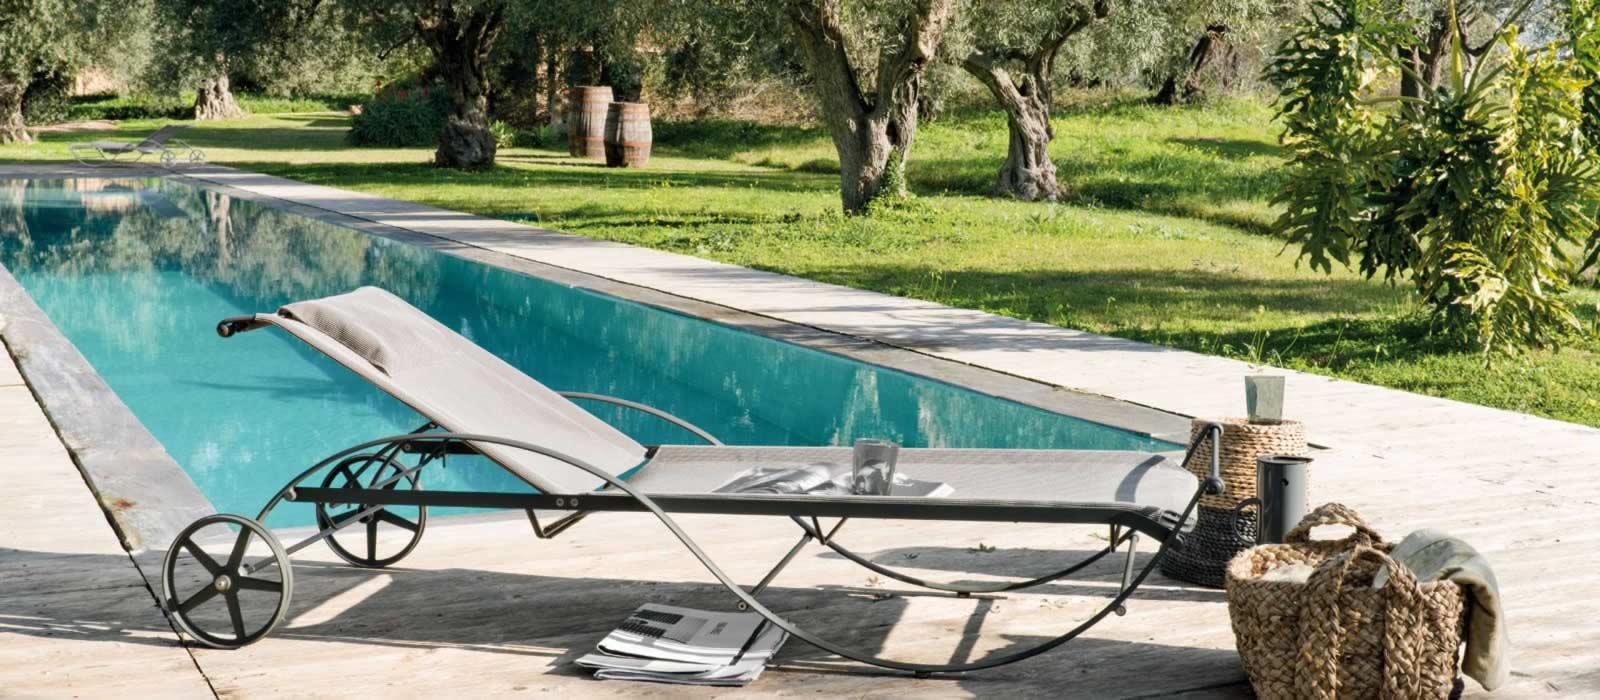 Arredo giardino AURORA a Salerno, Eboli, Battipaglia da Montella